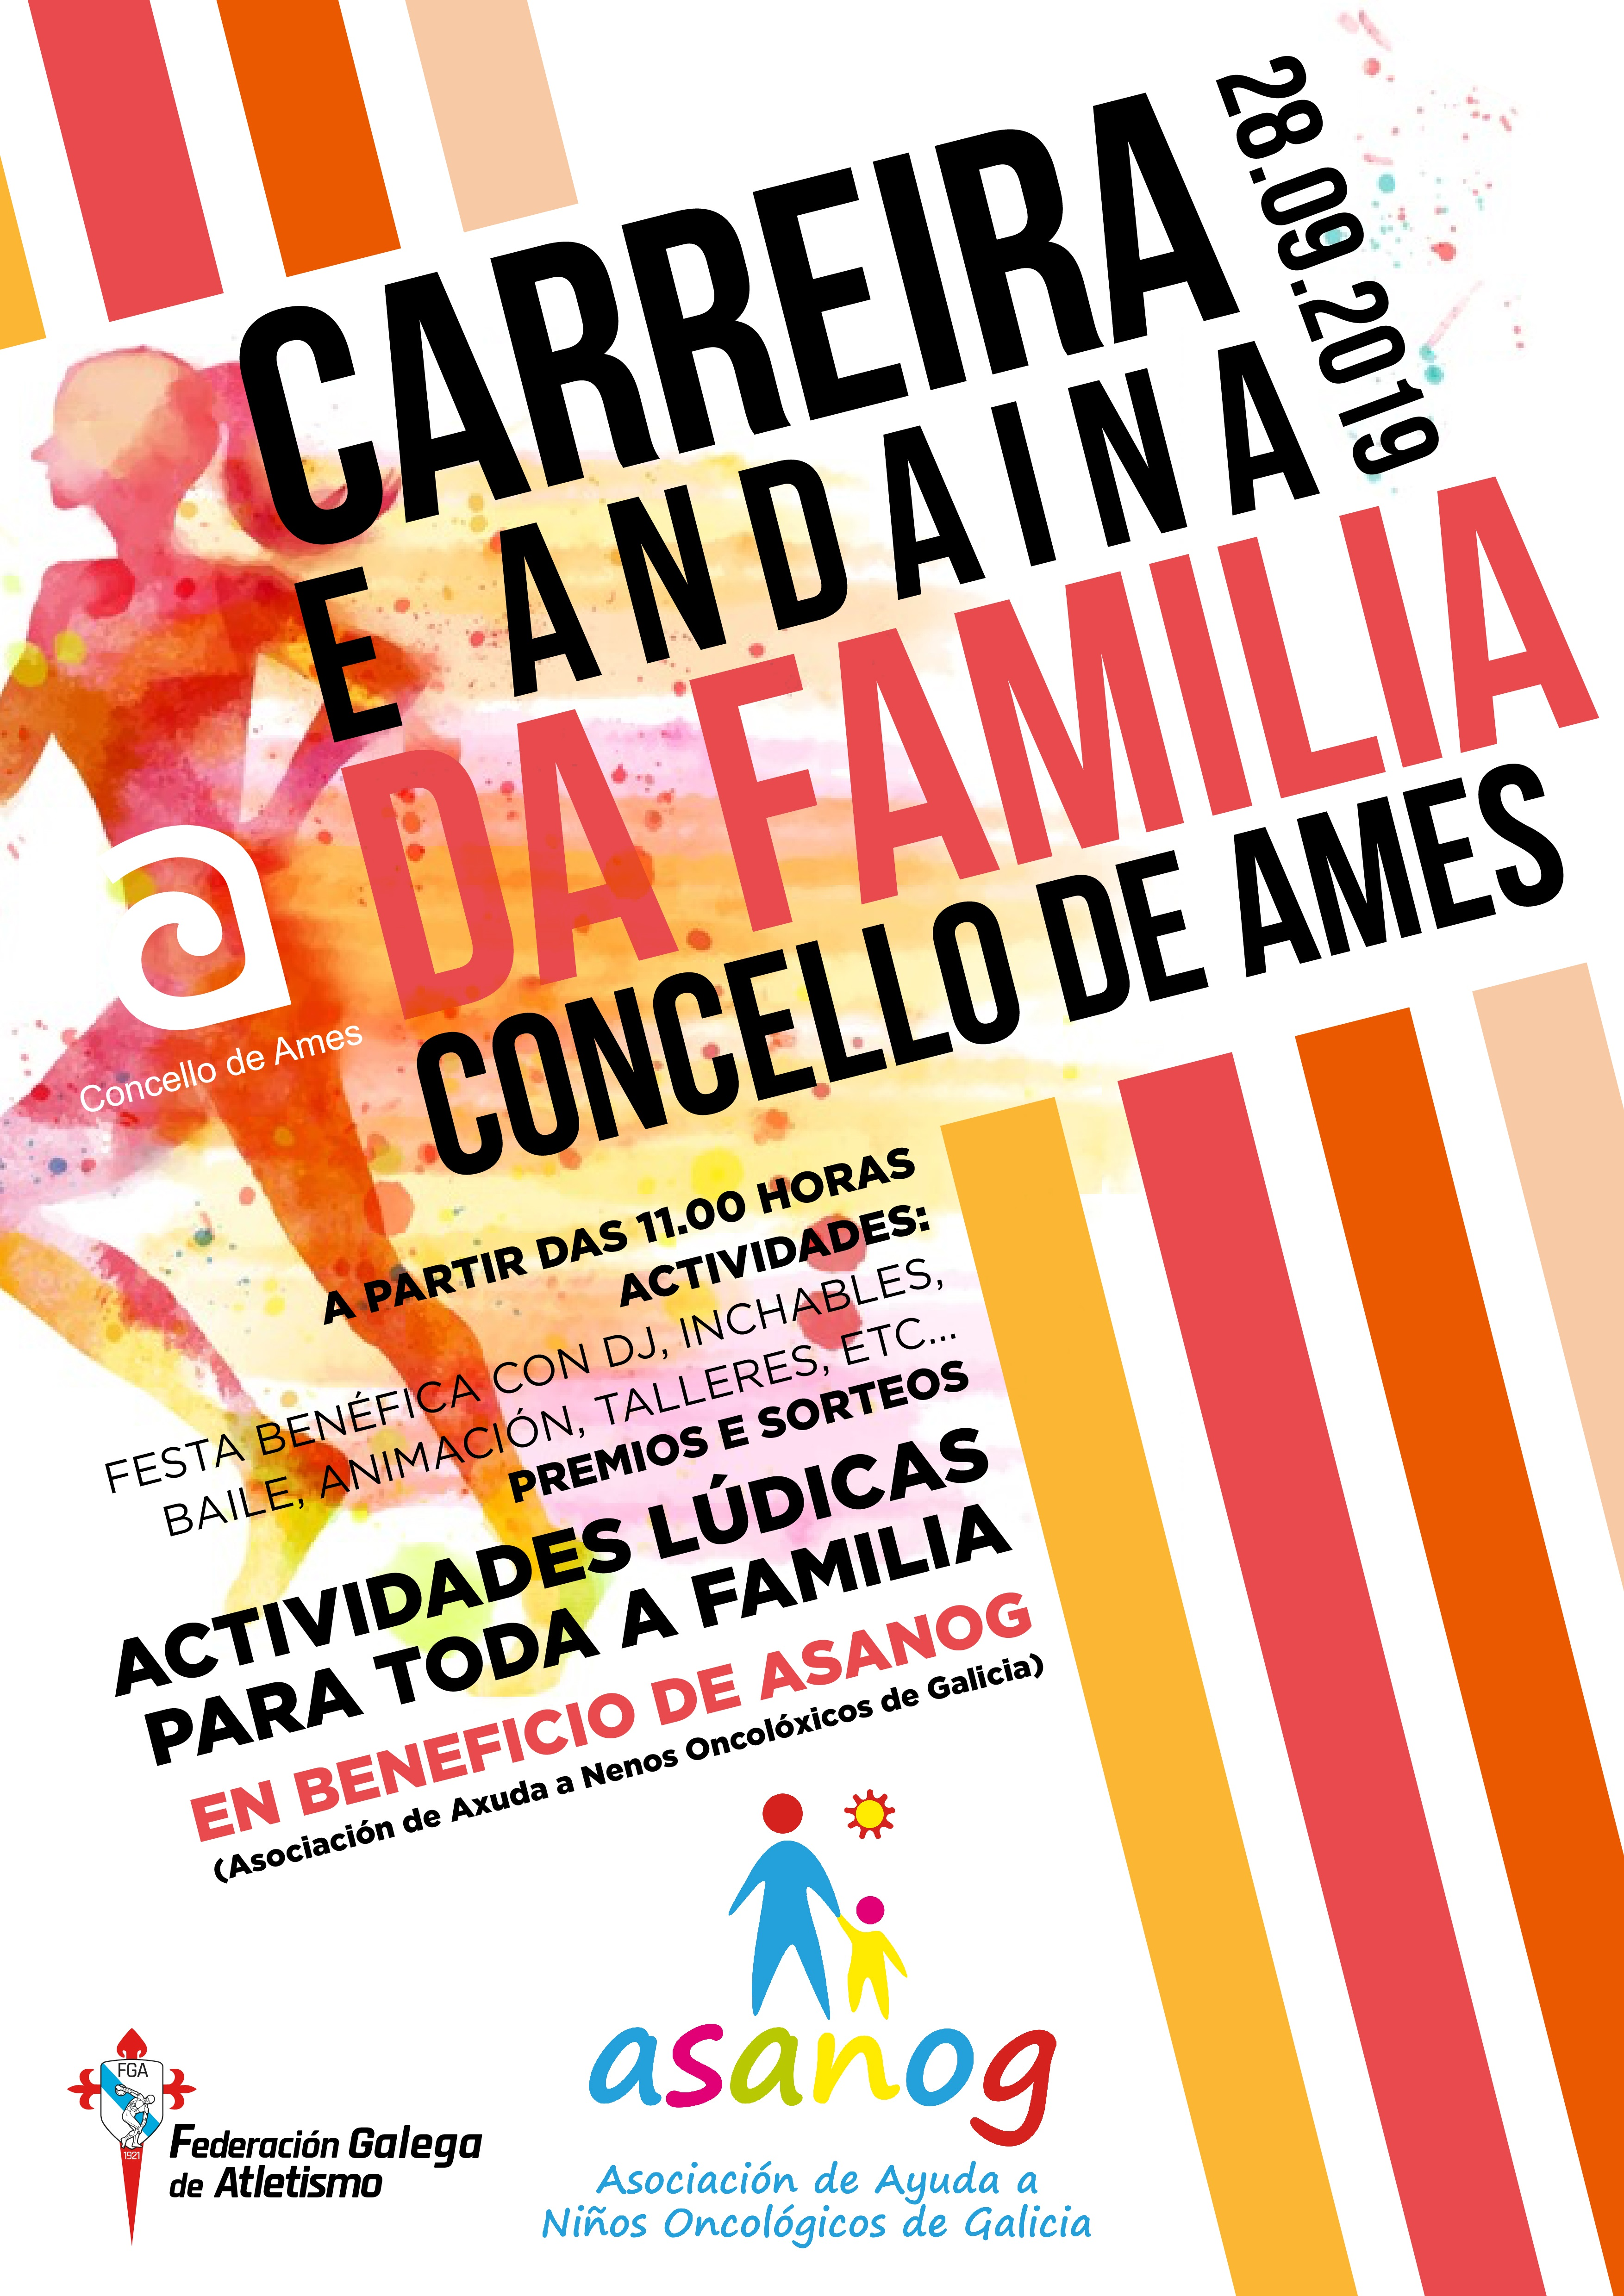 III Carreira e Andaina da Familia – Ames